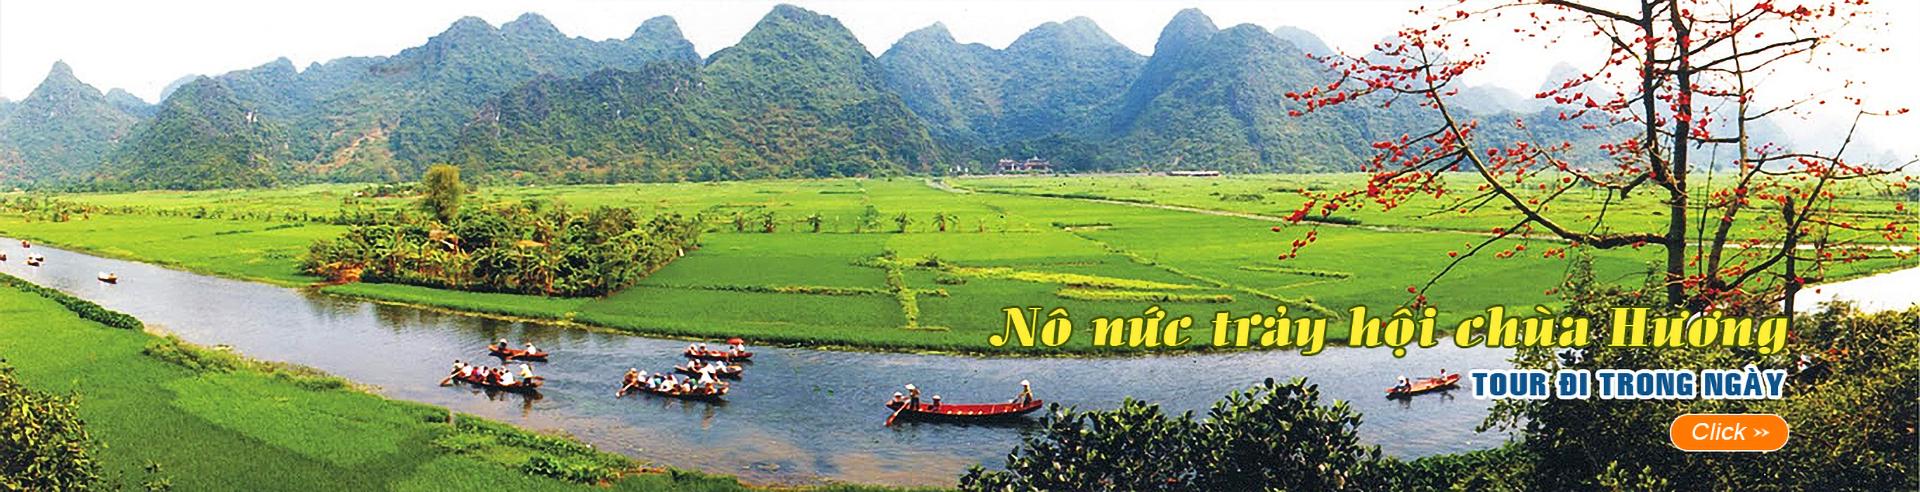 Hà Nội: Nô nức trẩy hội chùa Hương